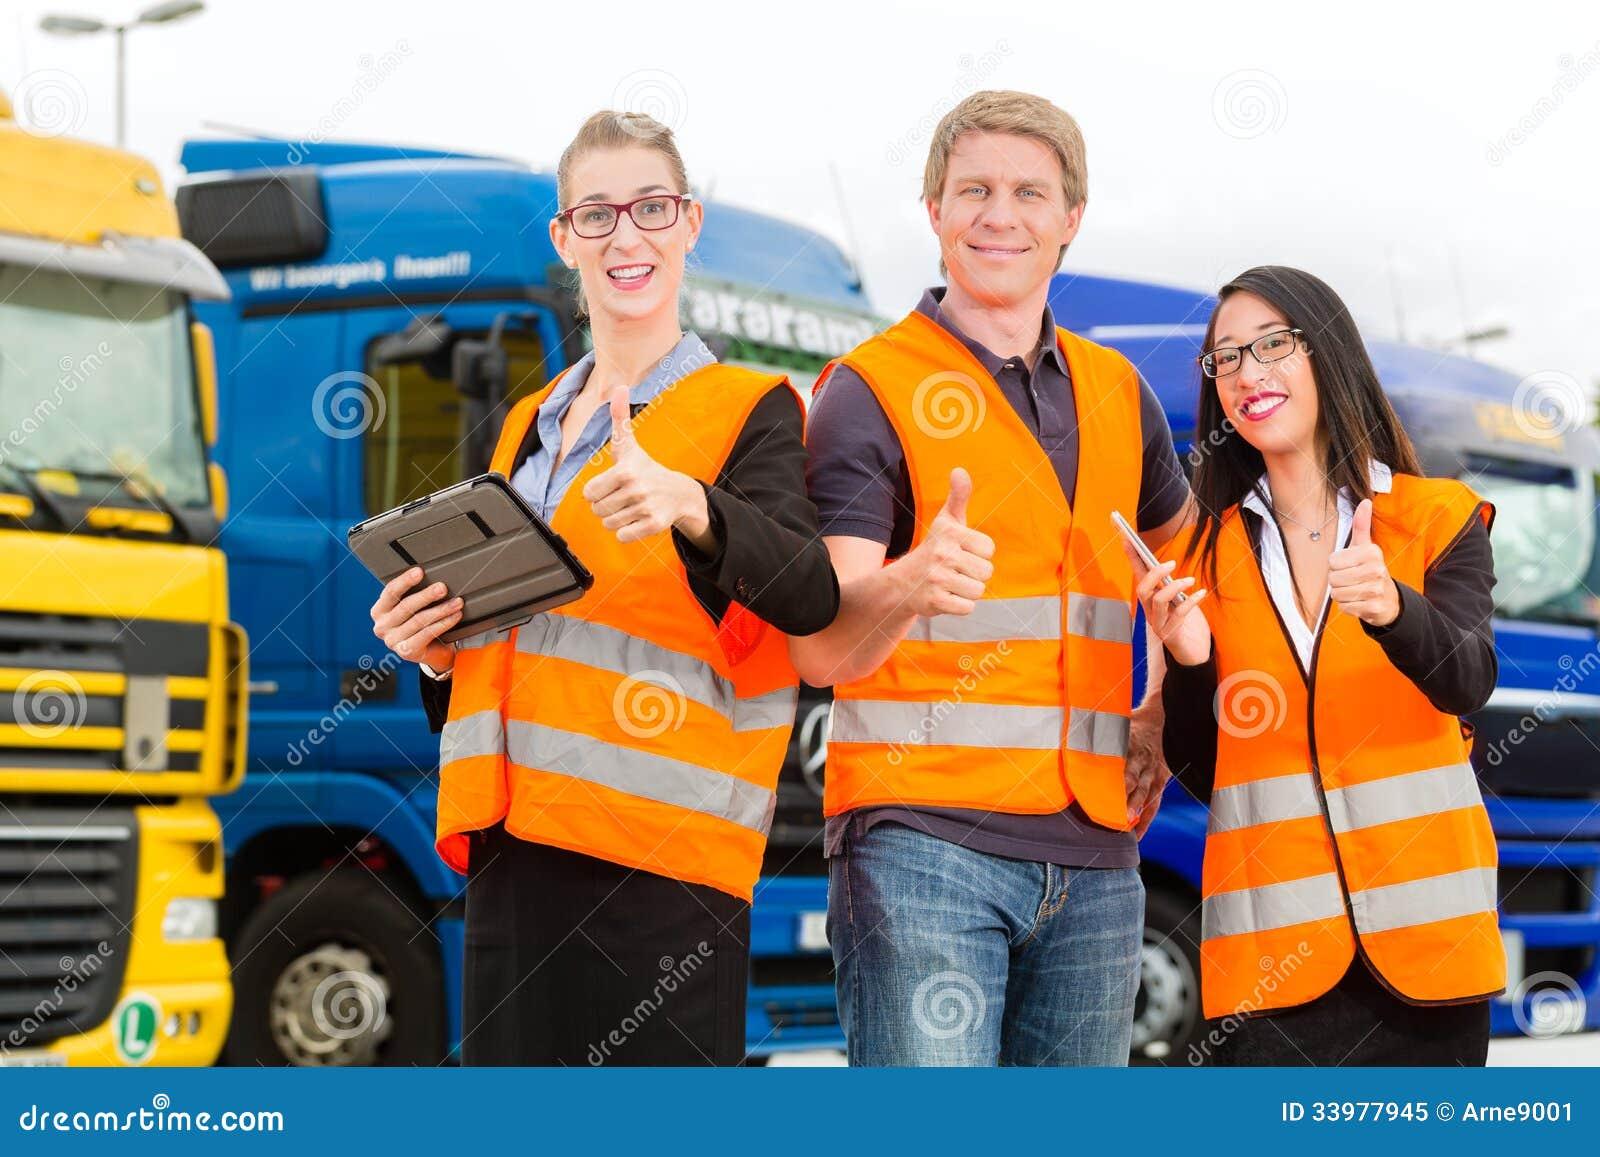 Forwarder voor vrachtwagens op een depot